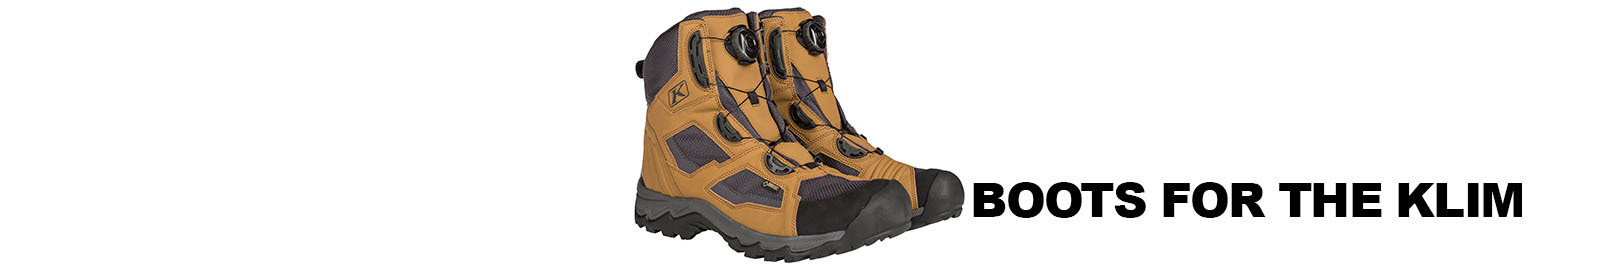 Klim Boots